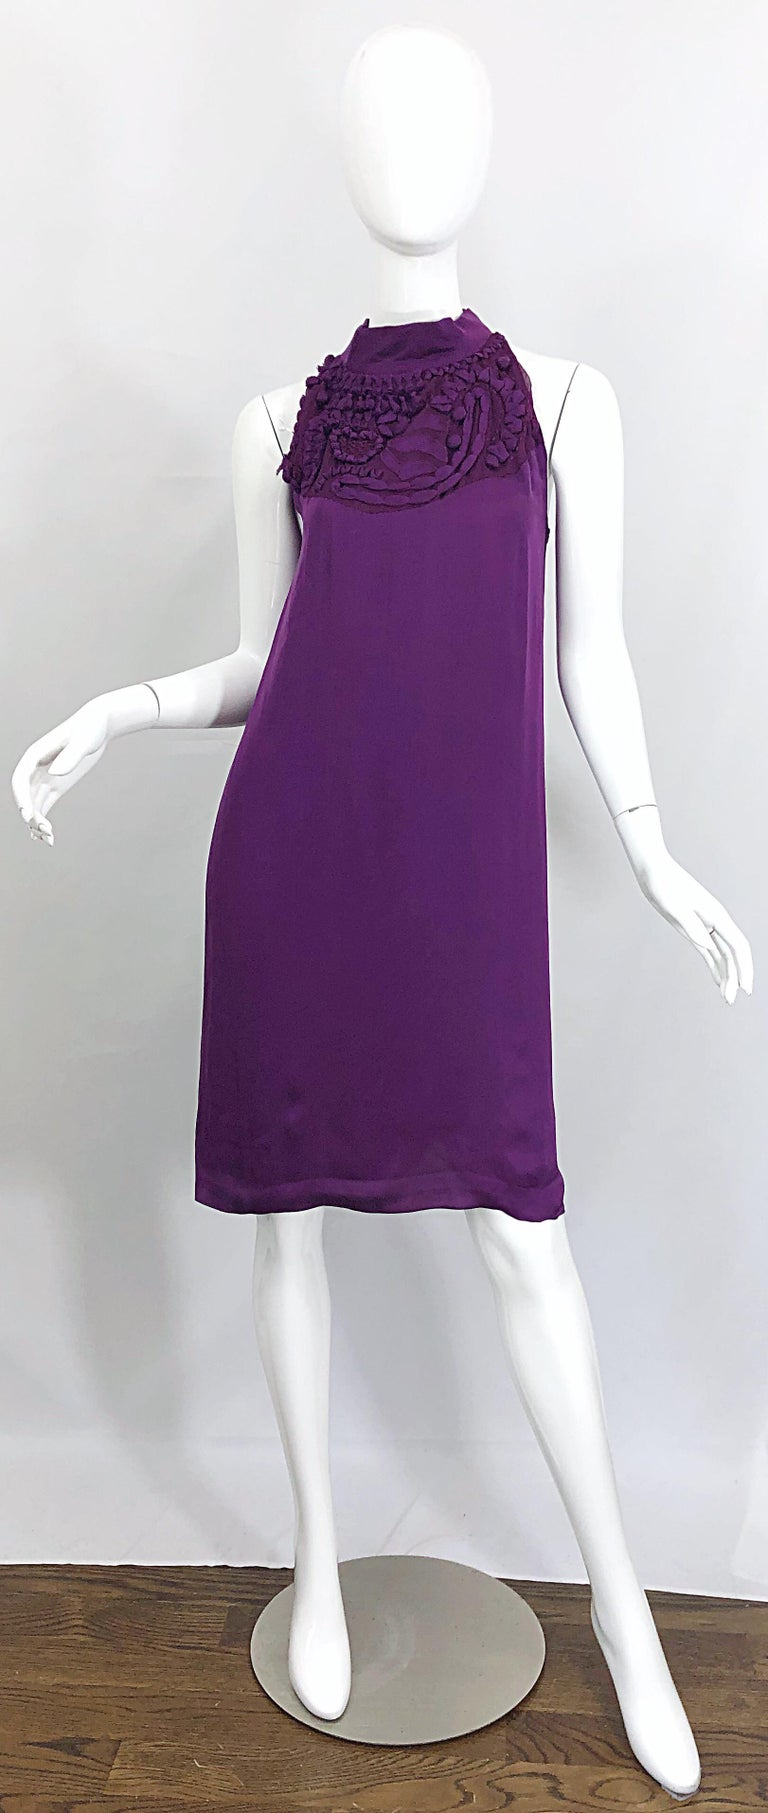 Yves Saint Laurent A / W 2007 Purple Silk Size 40 / US 8 YSL Rive Gauche Dress For Sale 9